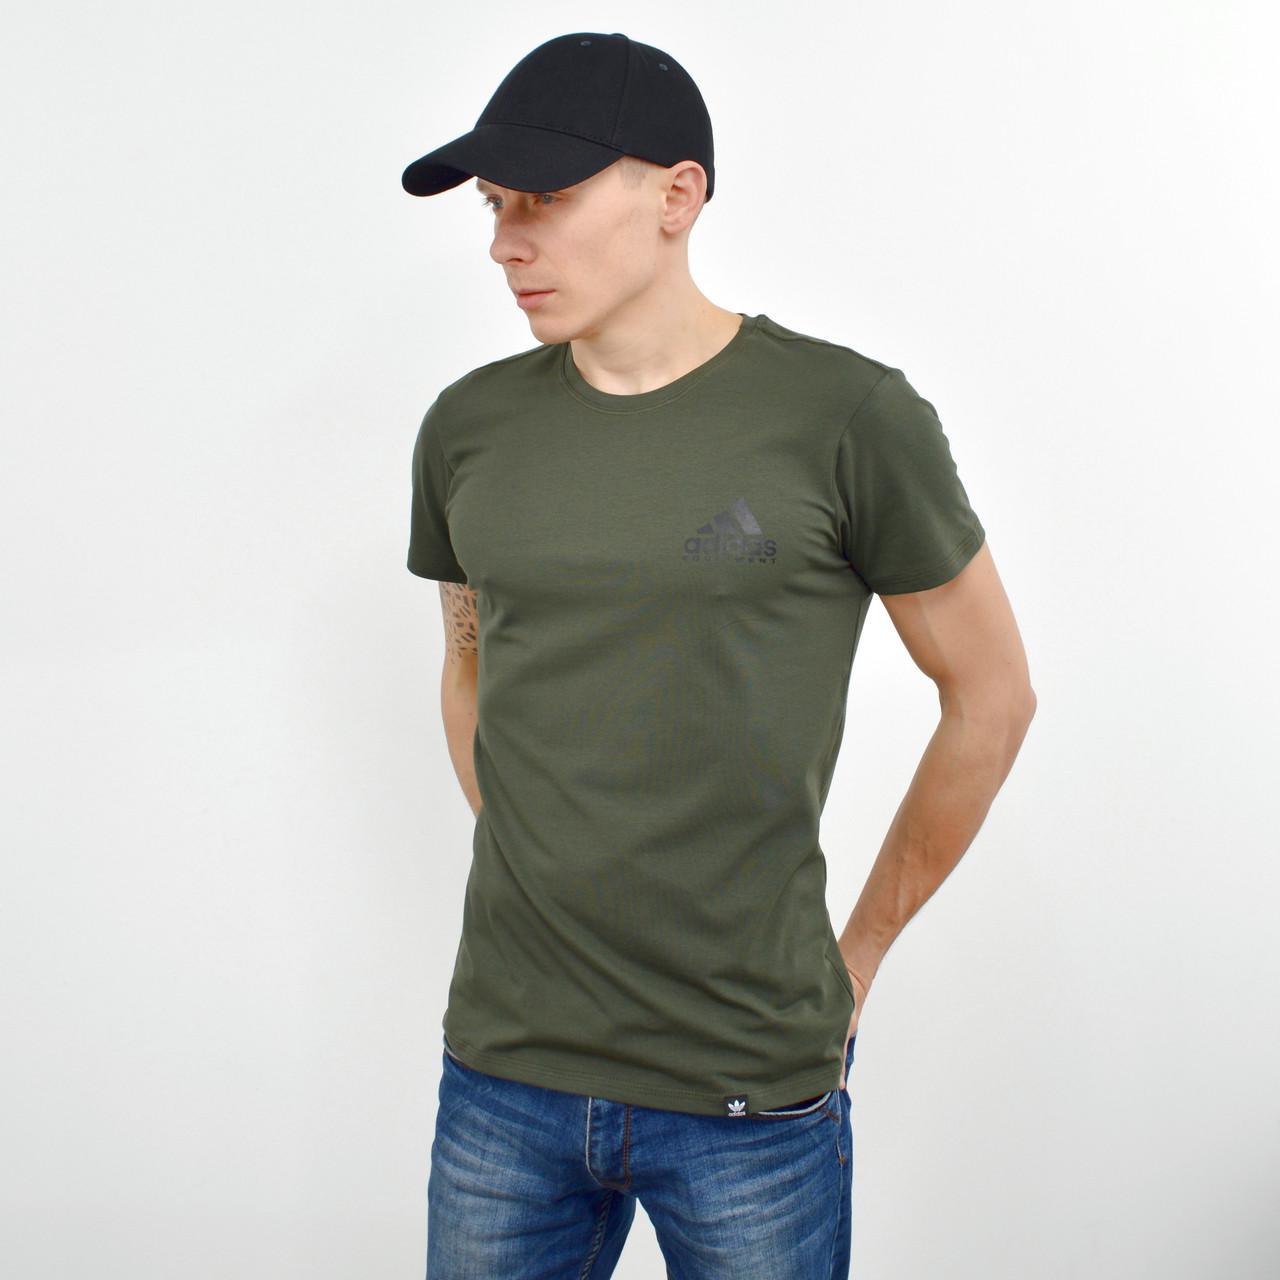 Чоловіча футболка з накаткою на грудях і спині Adidas (репліка) хакі